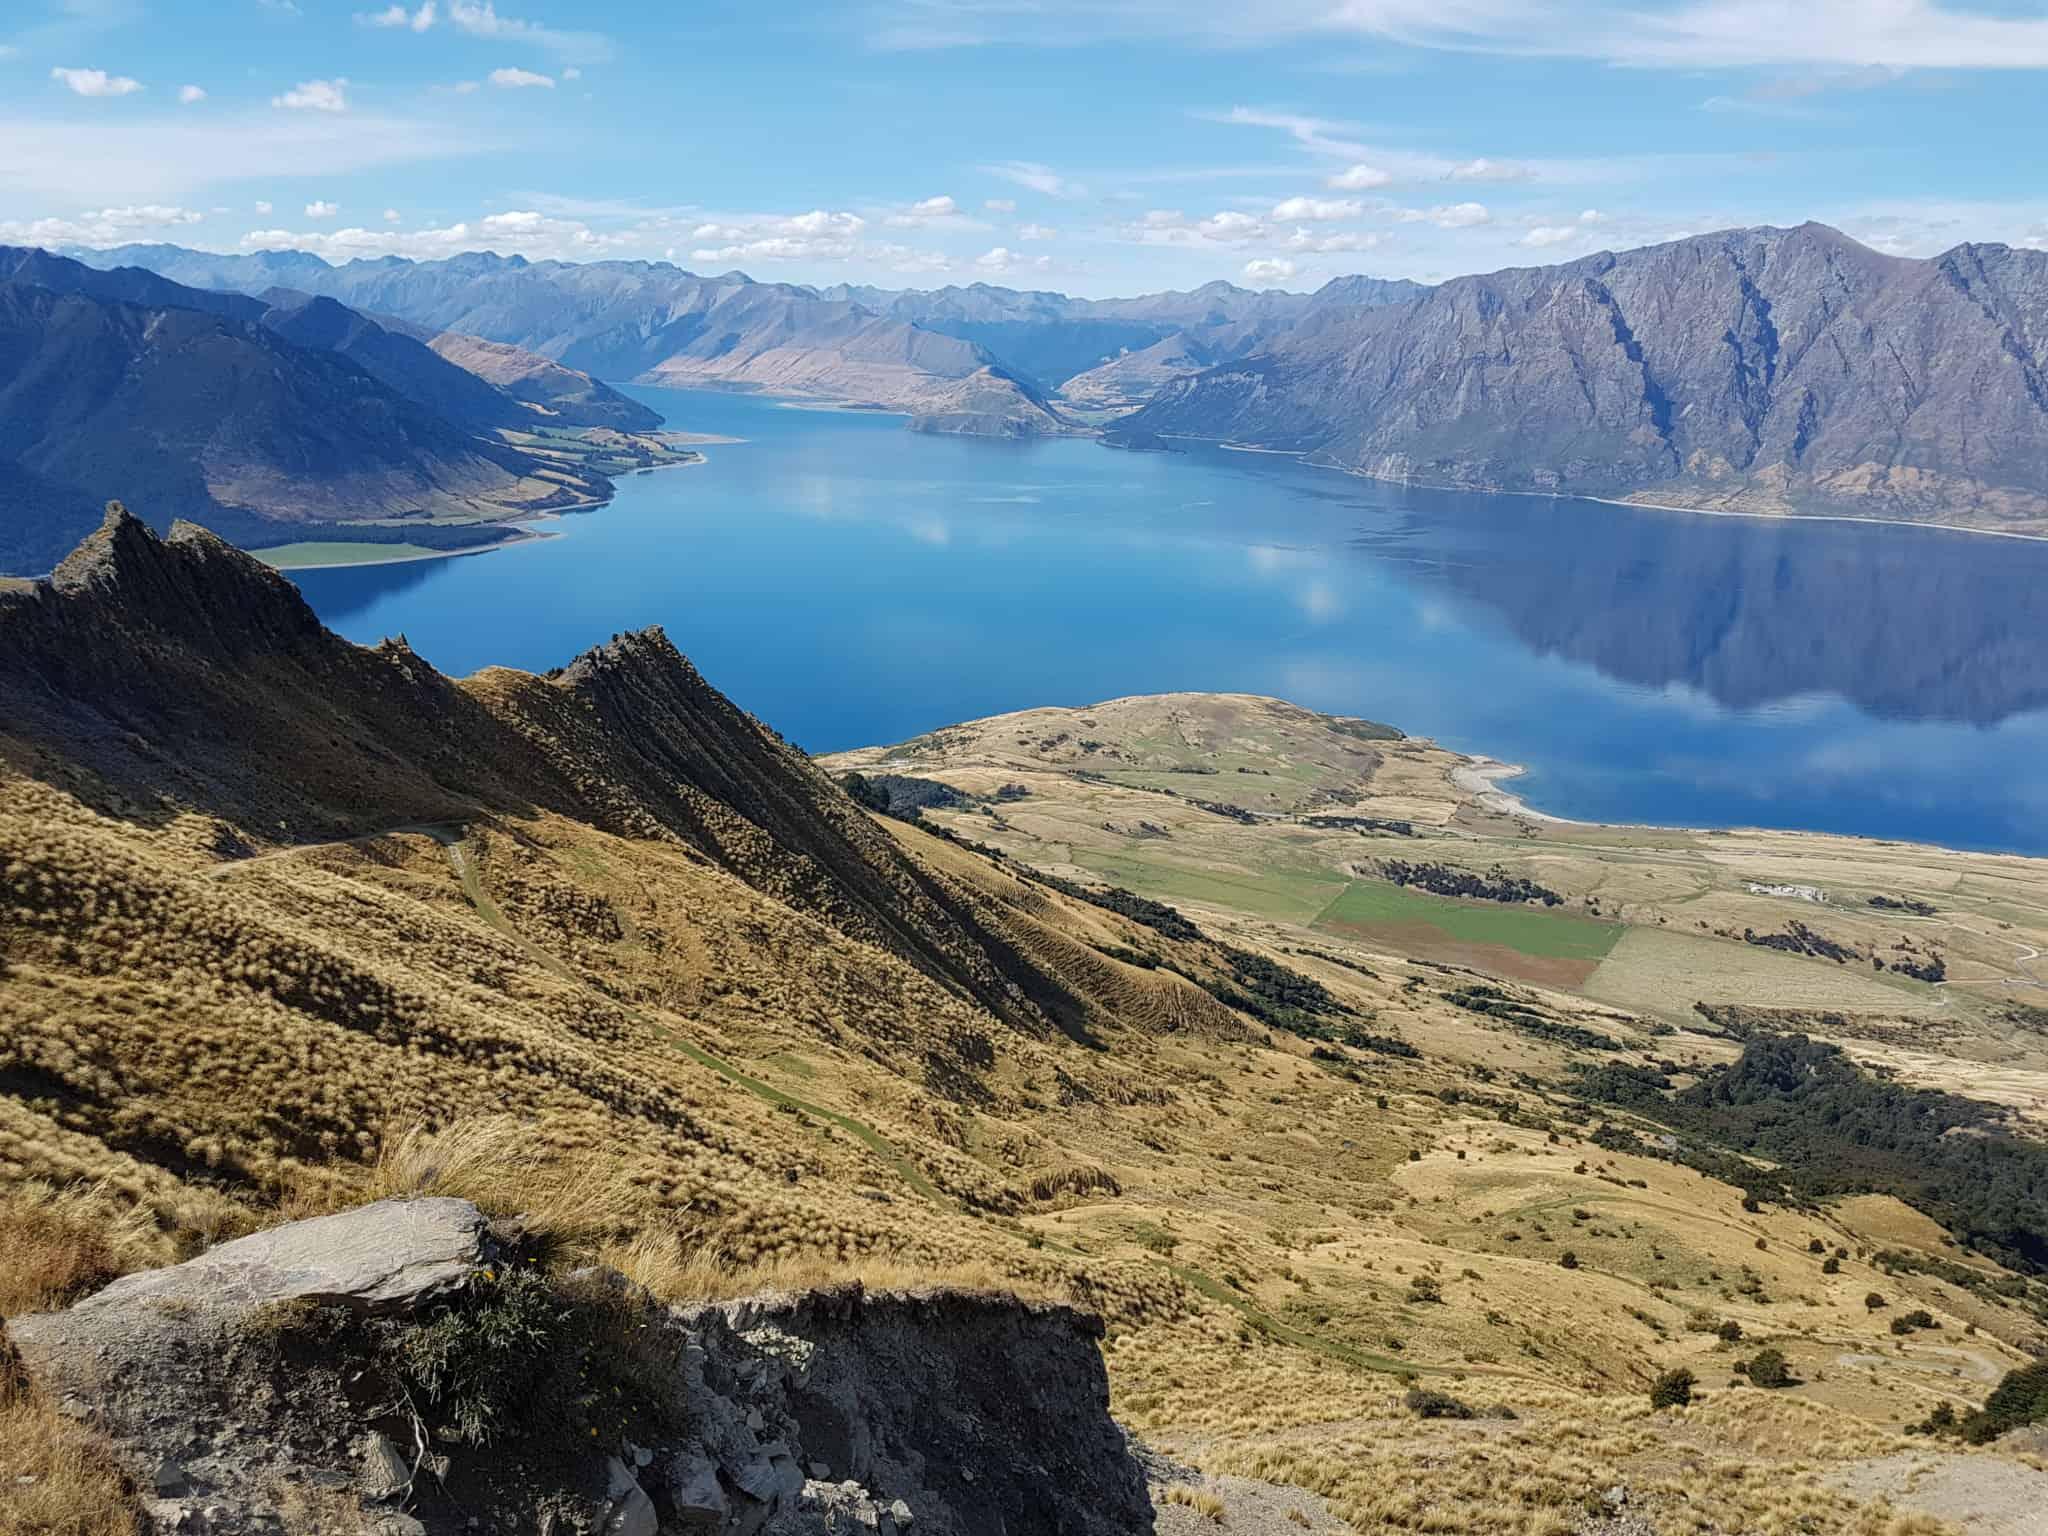 Nouvelle-Zélande, un magnifique lever de soleil depuis Isthmus Peak pour mes 30 ans 🎁 15